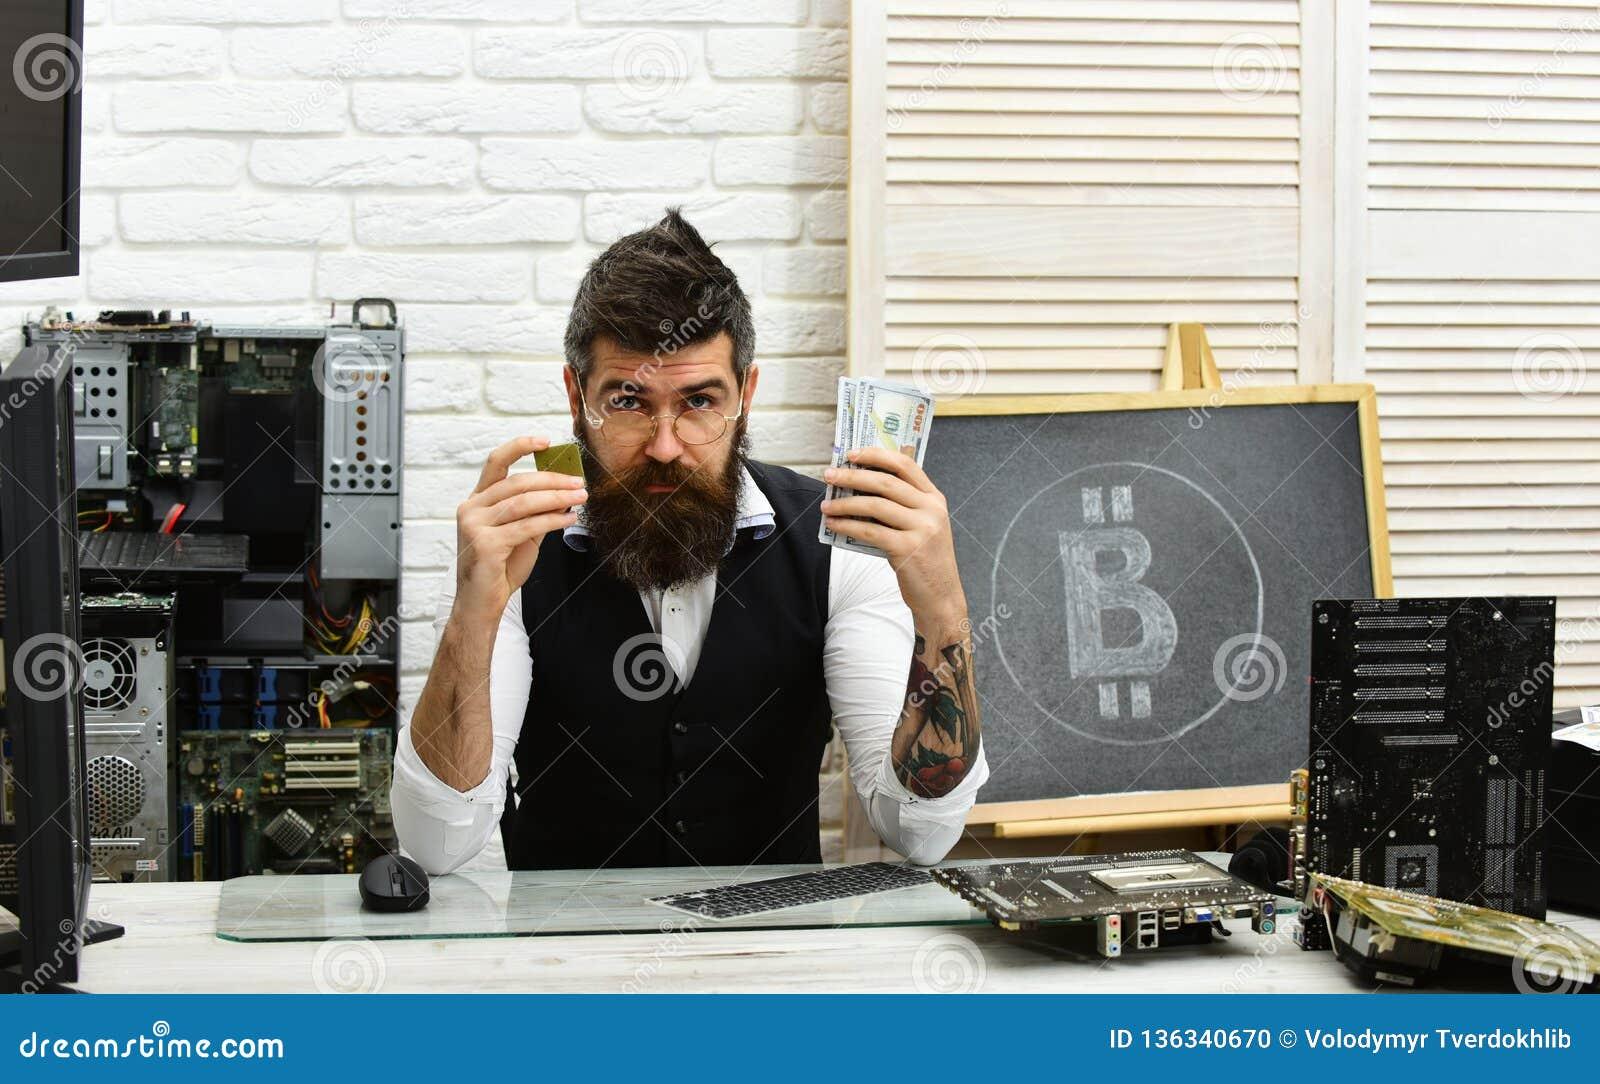 server di btc come depositare opzione iq utilizzando bitcoin